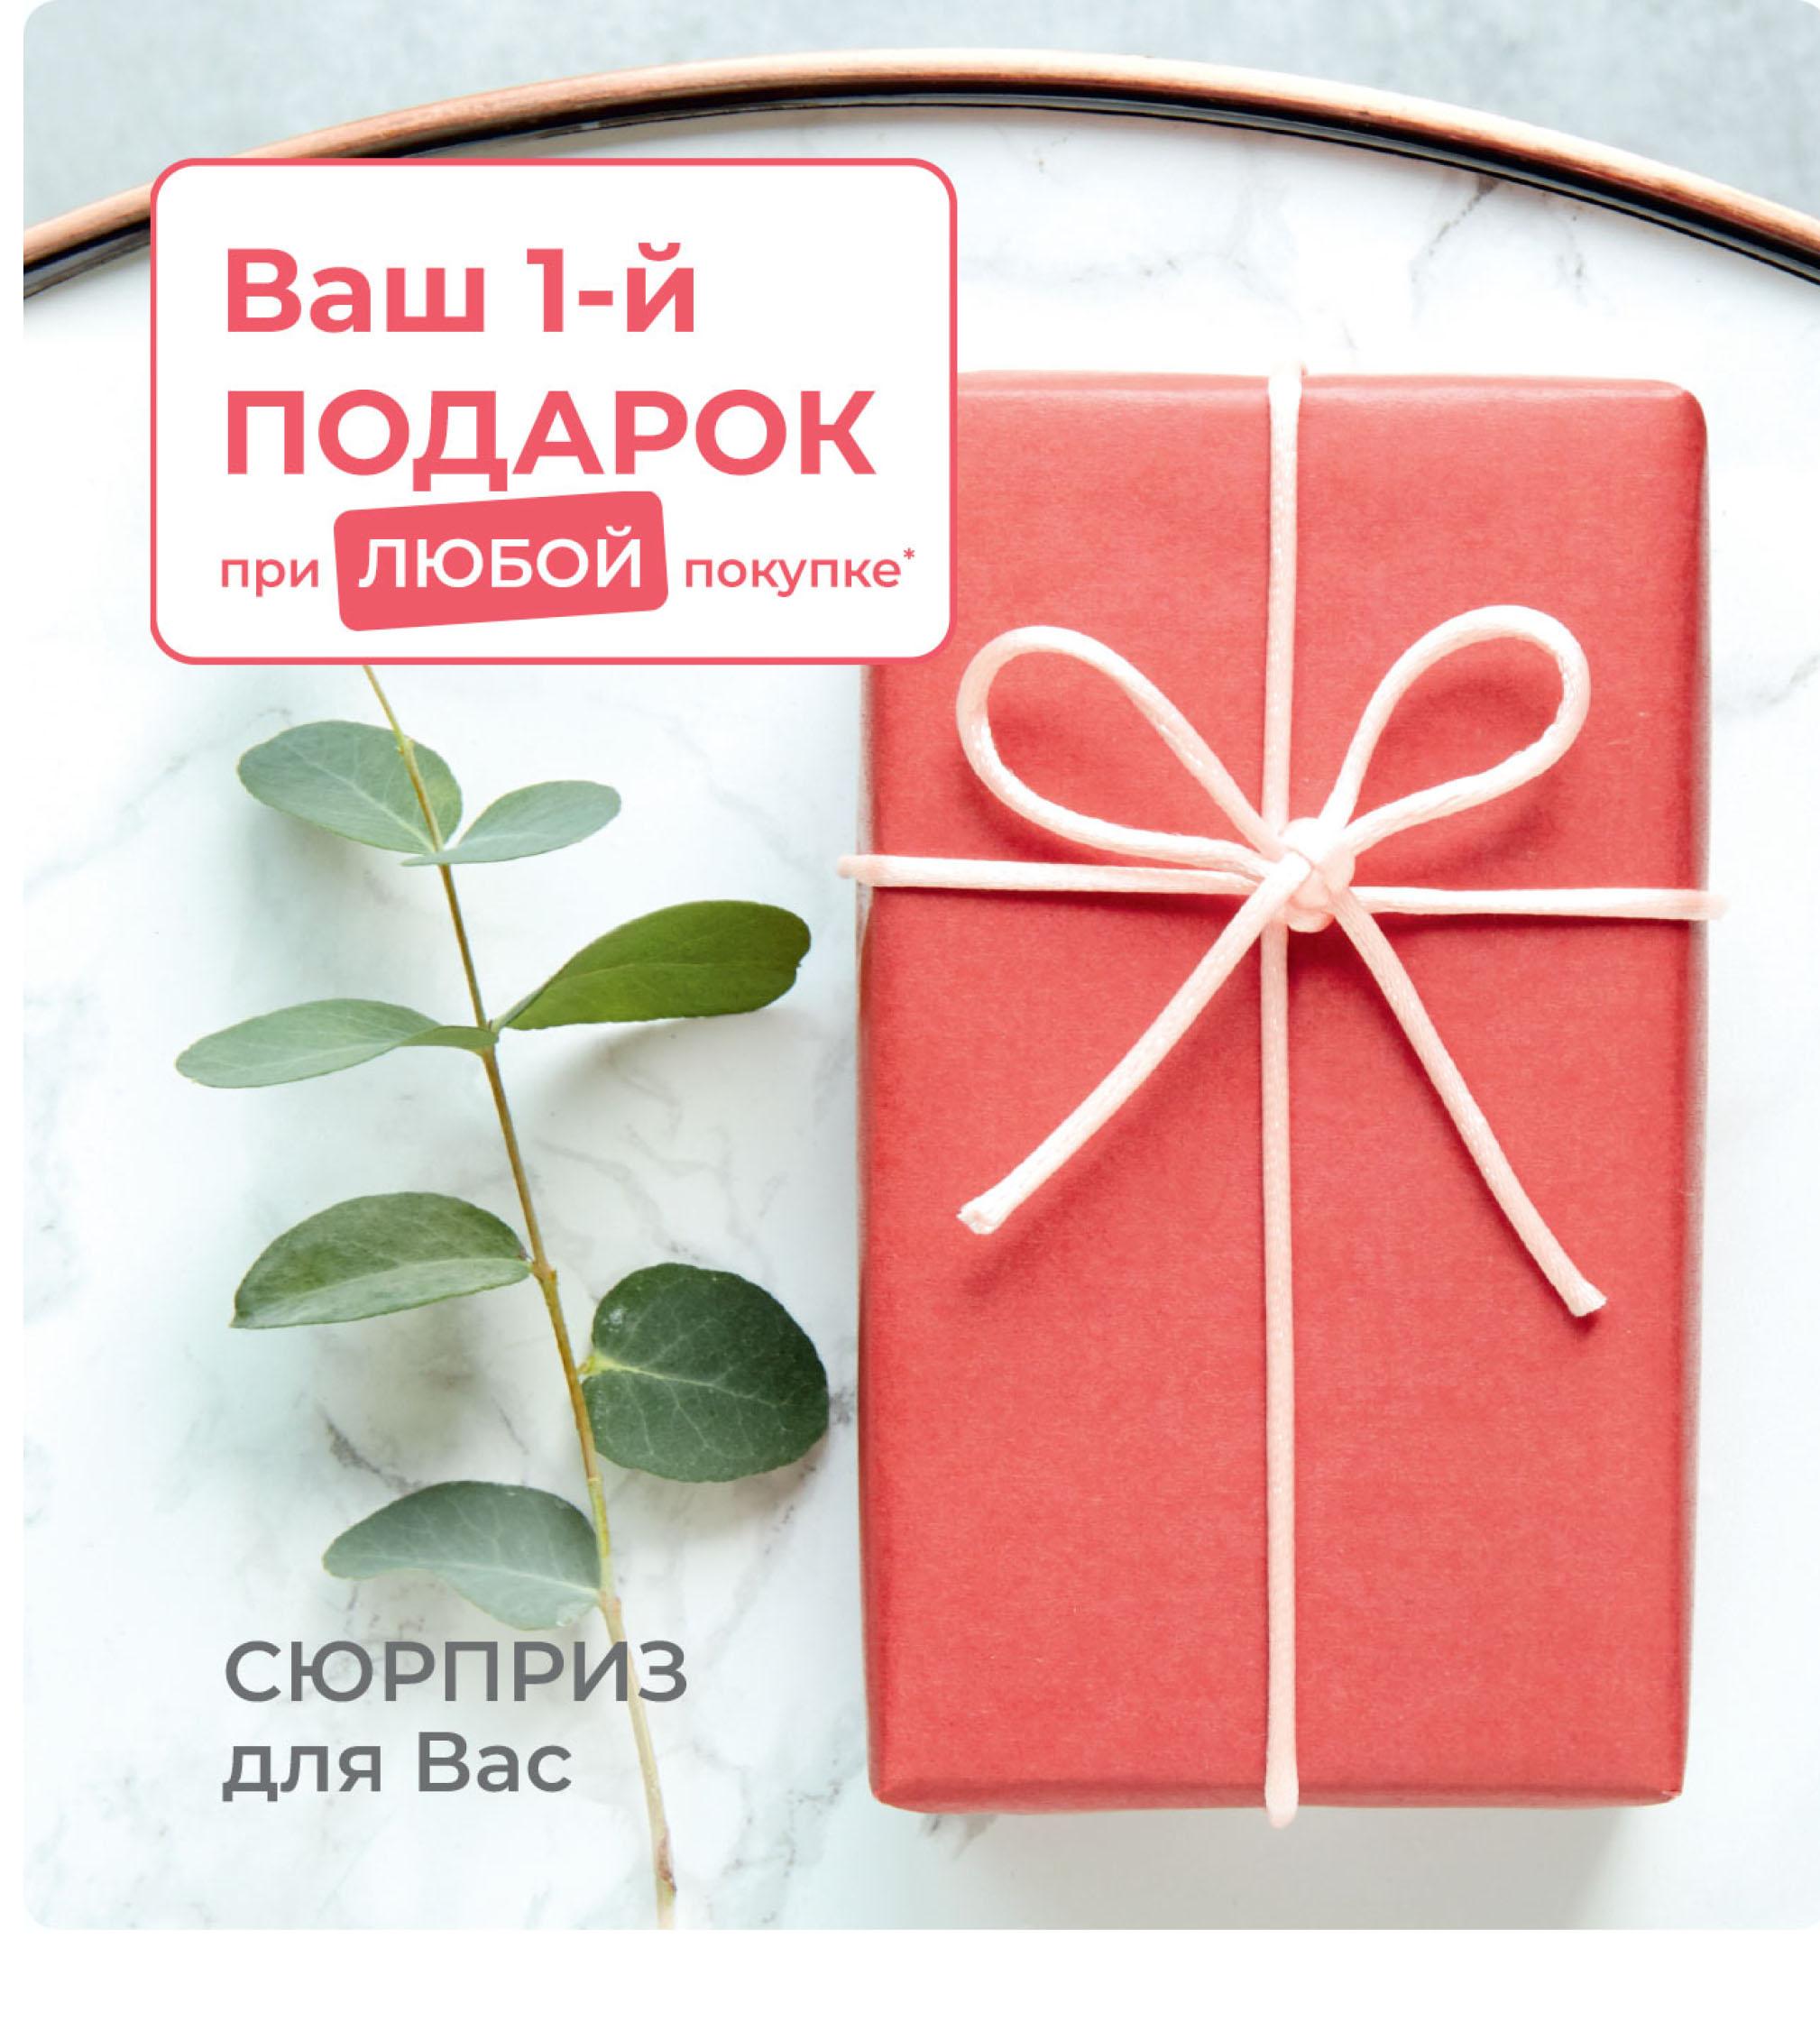 Подарки от Ив Роше